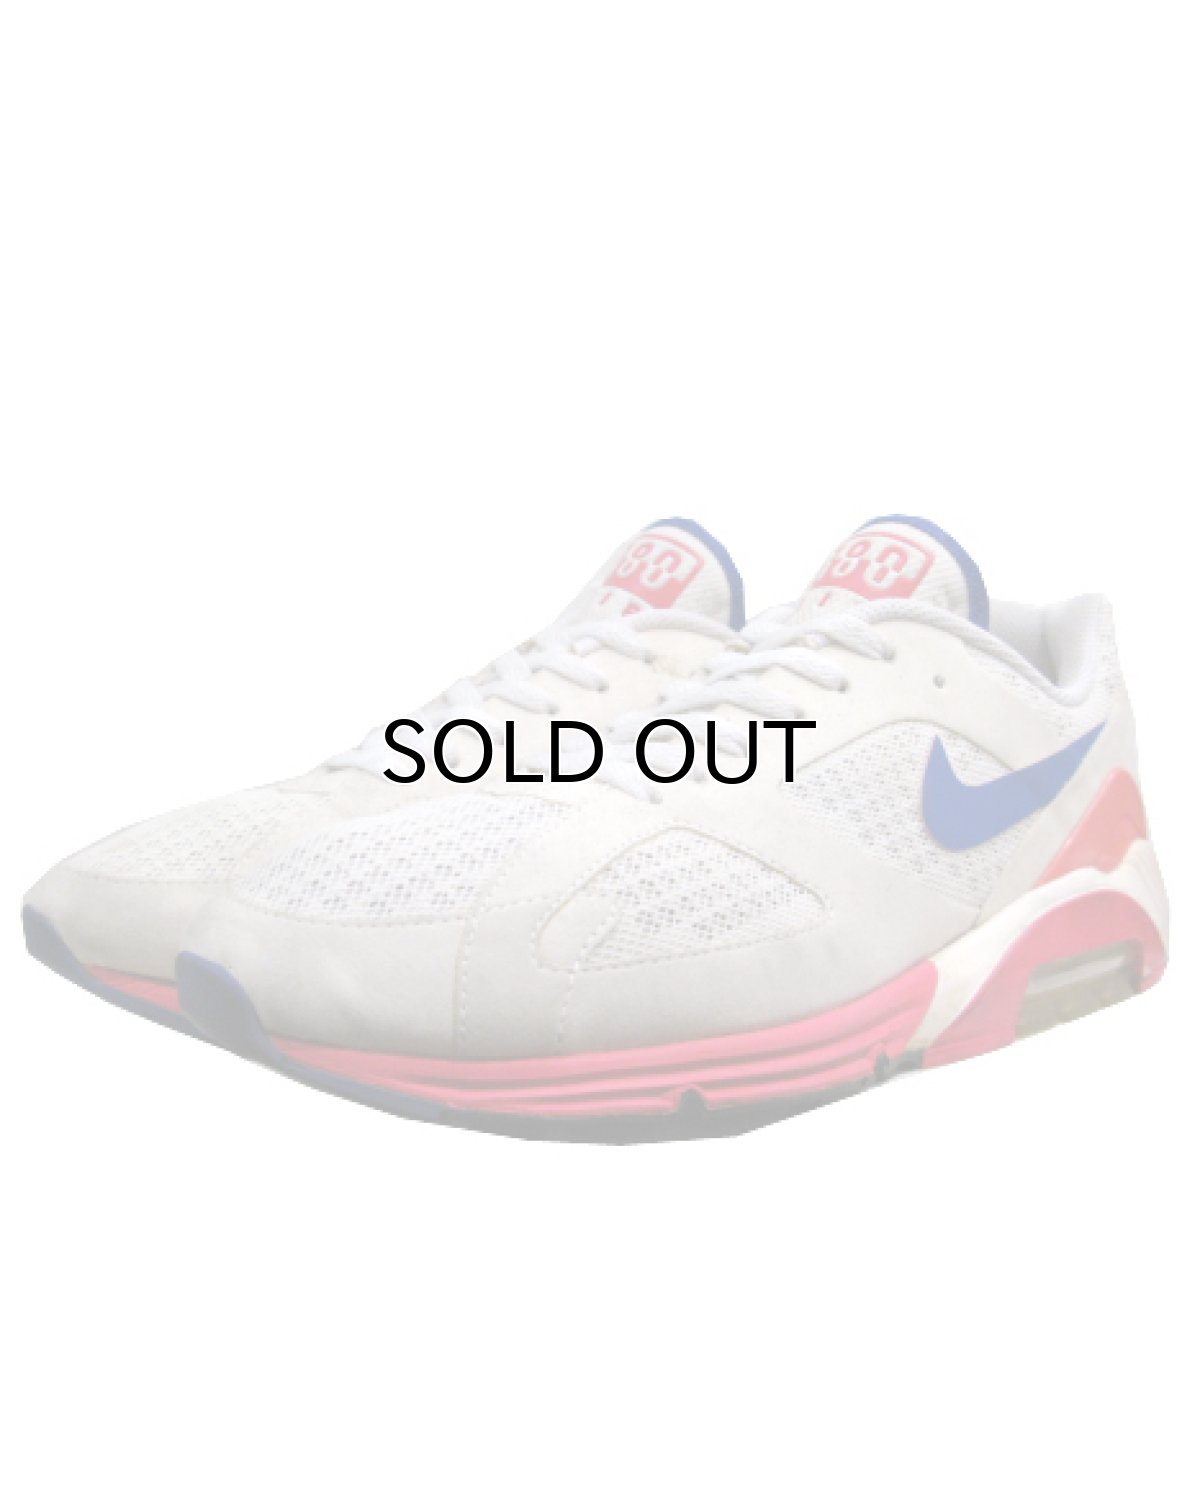 """画像1: NIKE """"AIR 180"""" Running Sneaker White / Pink / Blue size 9.5 (27.5 cm) (1)"""